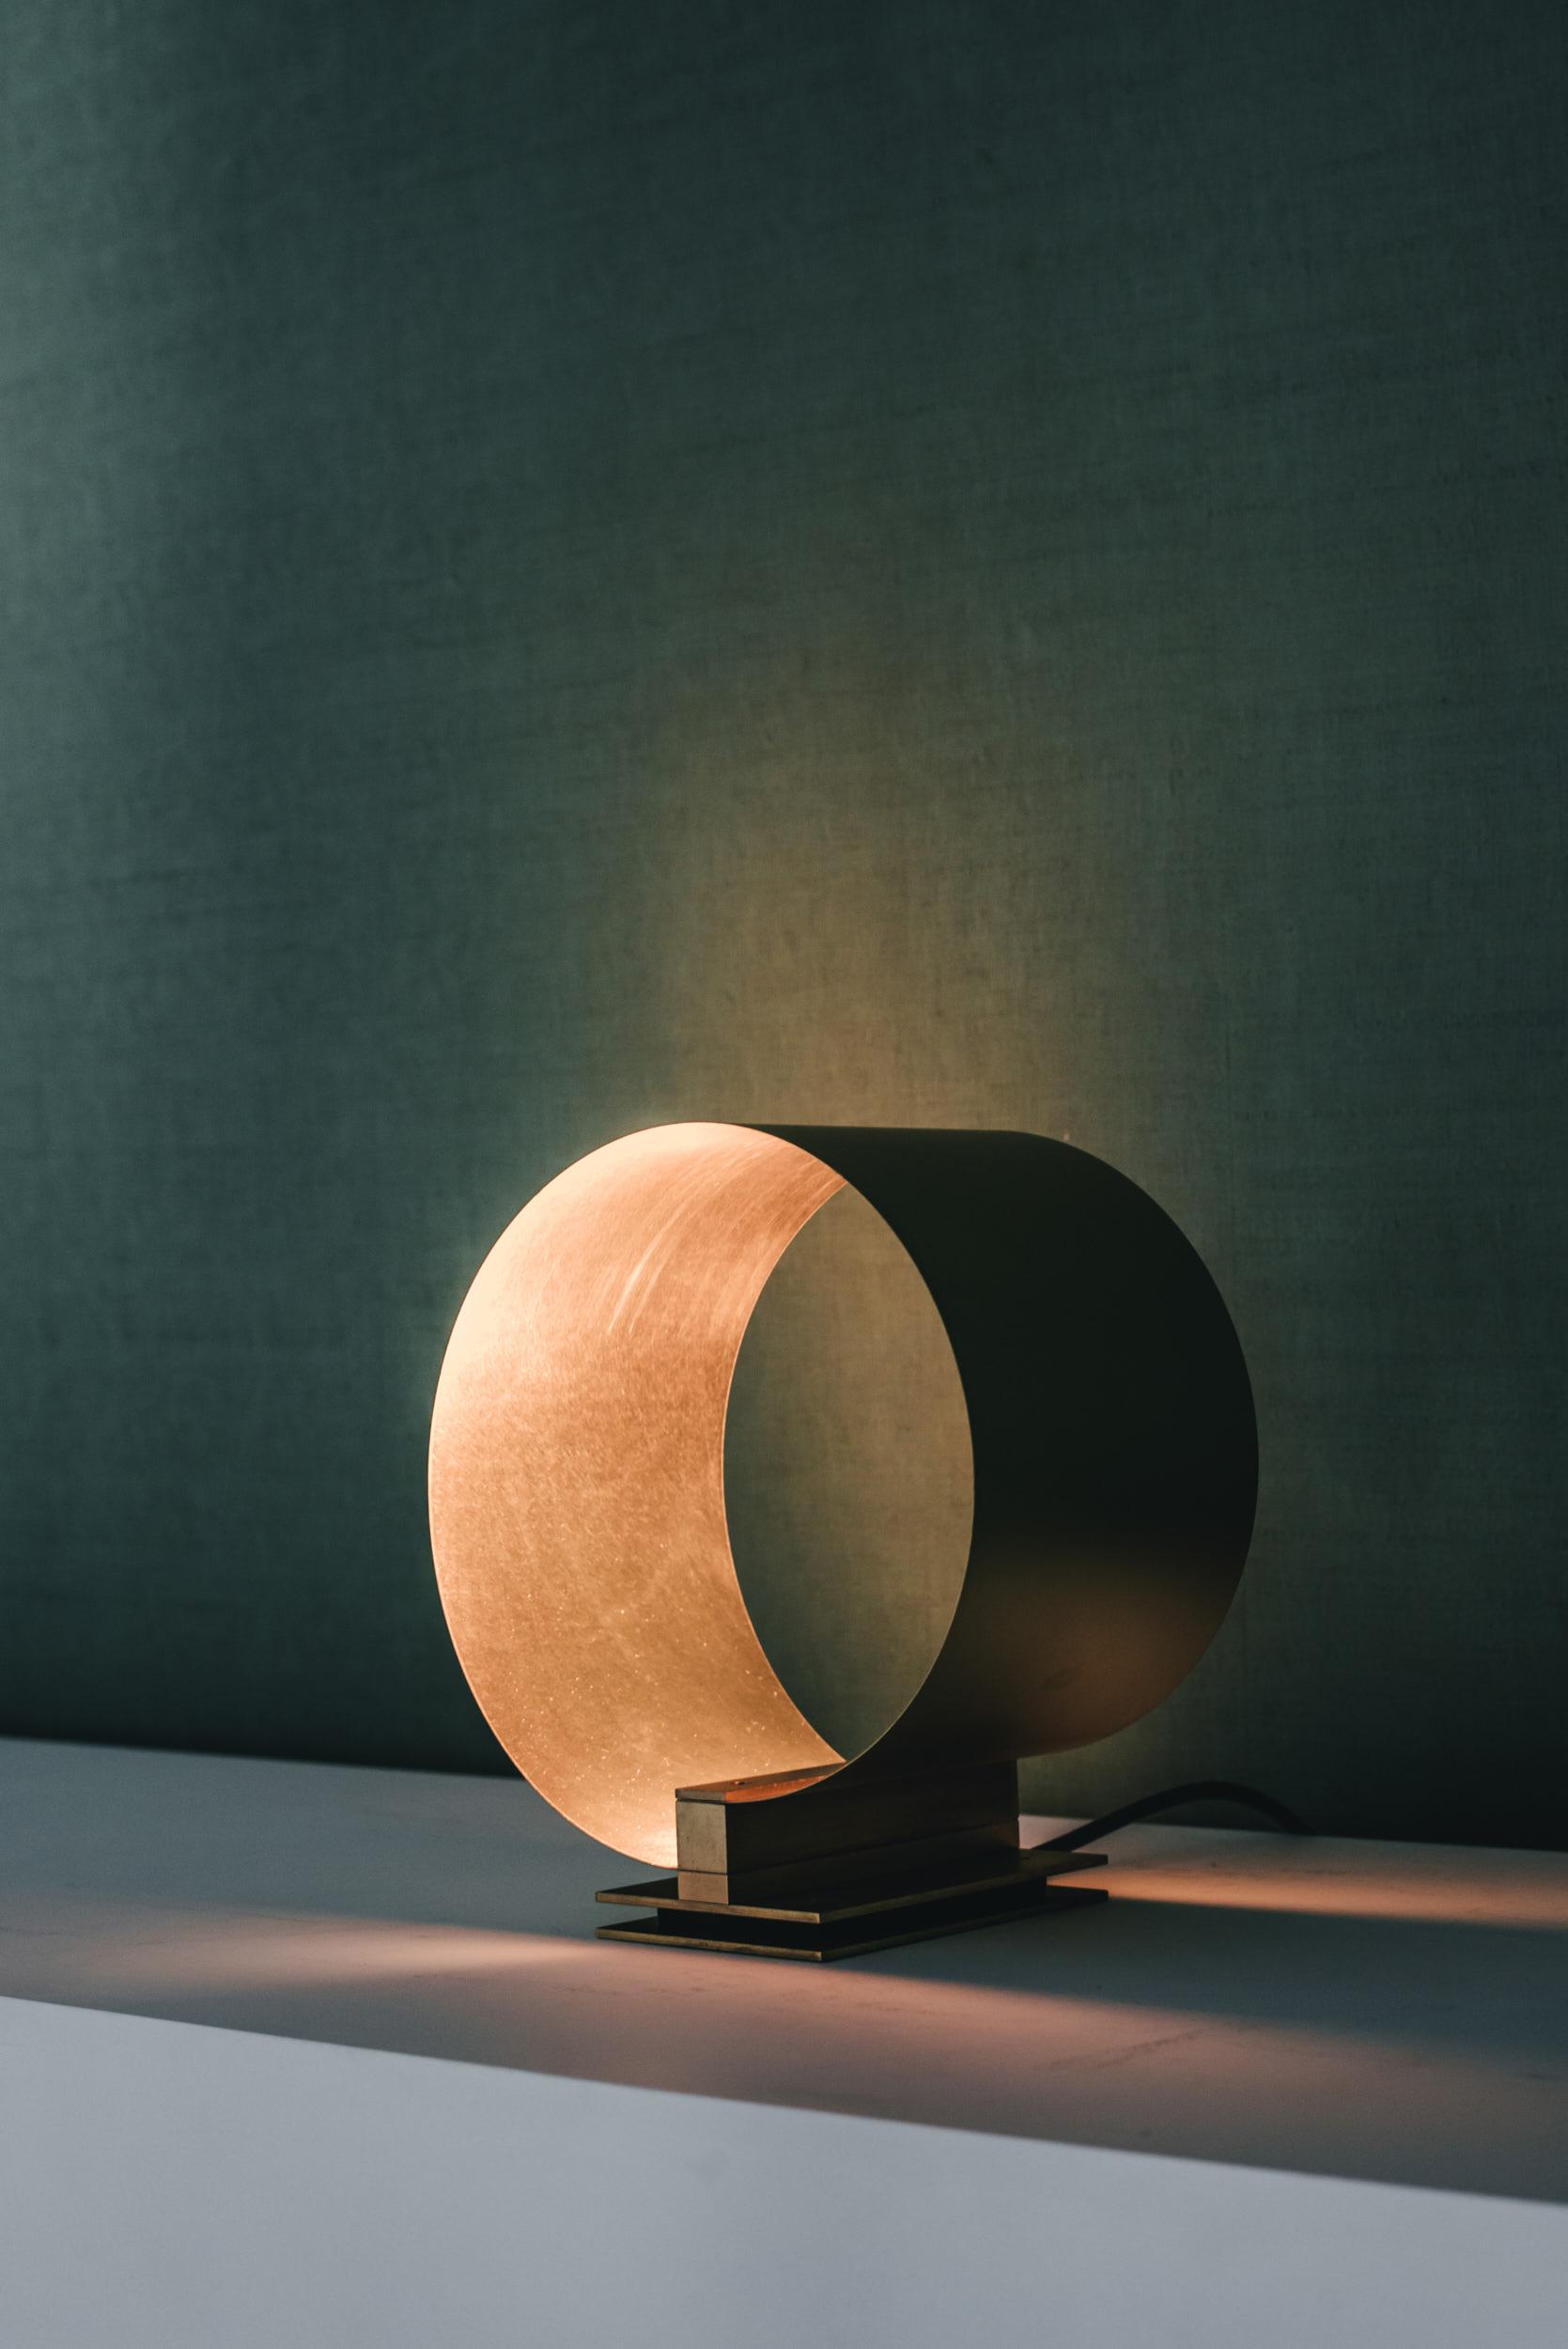 Hector Esrawe, Lamps Parabola